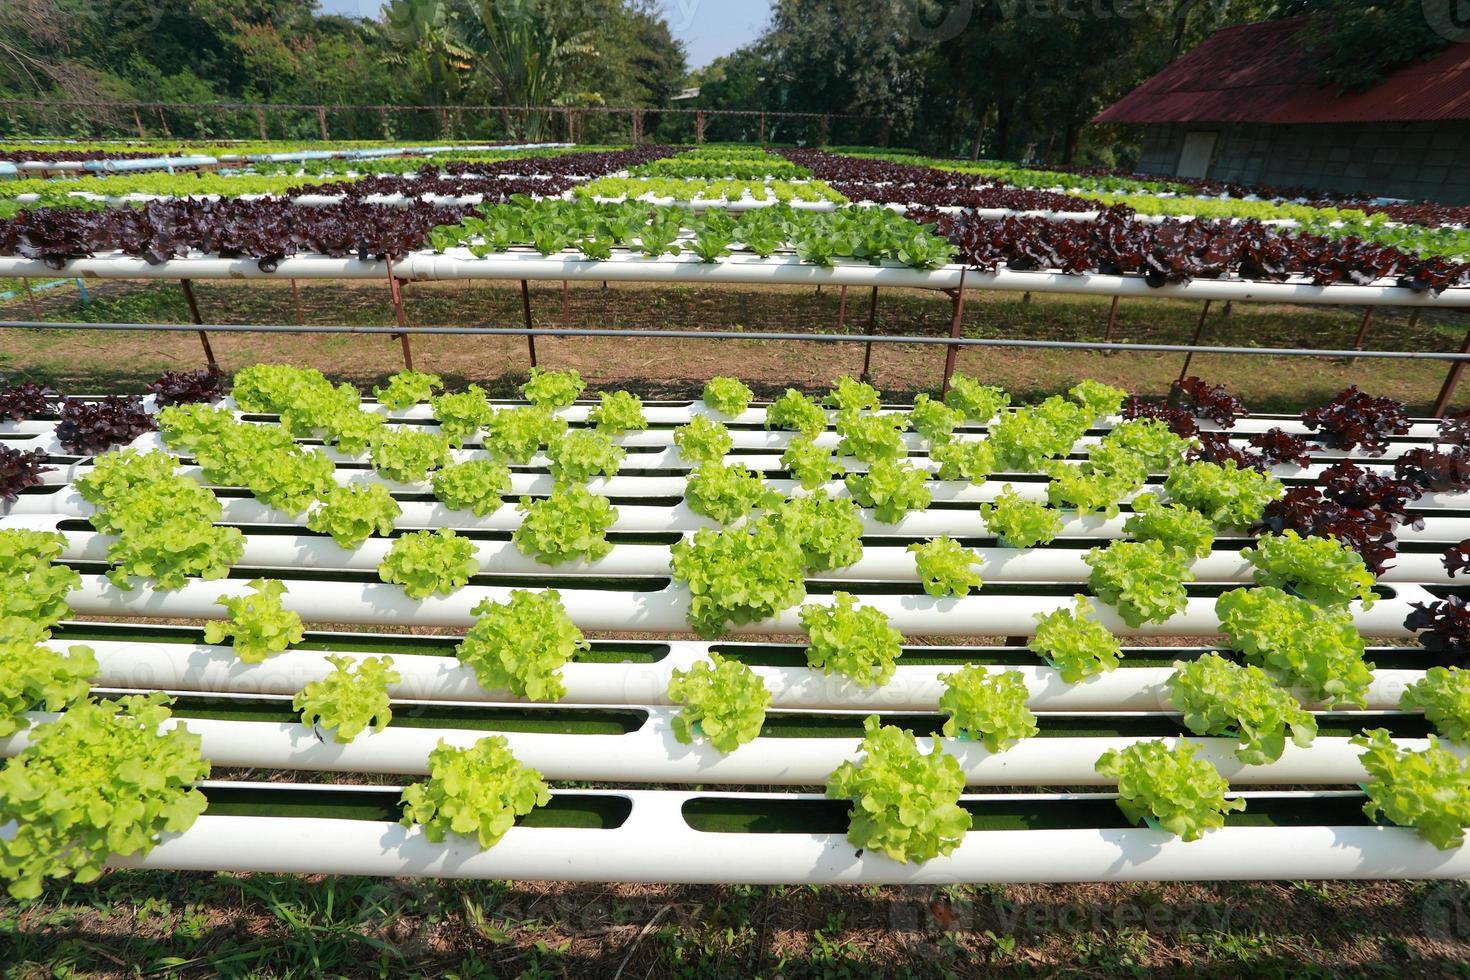 fattoria biologica idroponica vegetale 38 foto